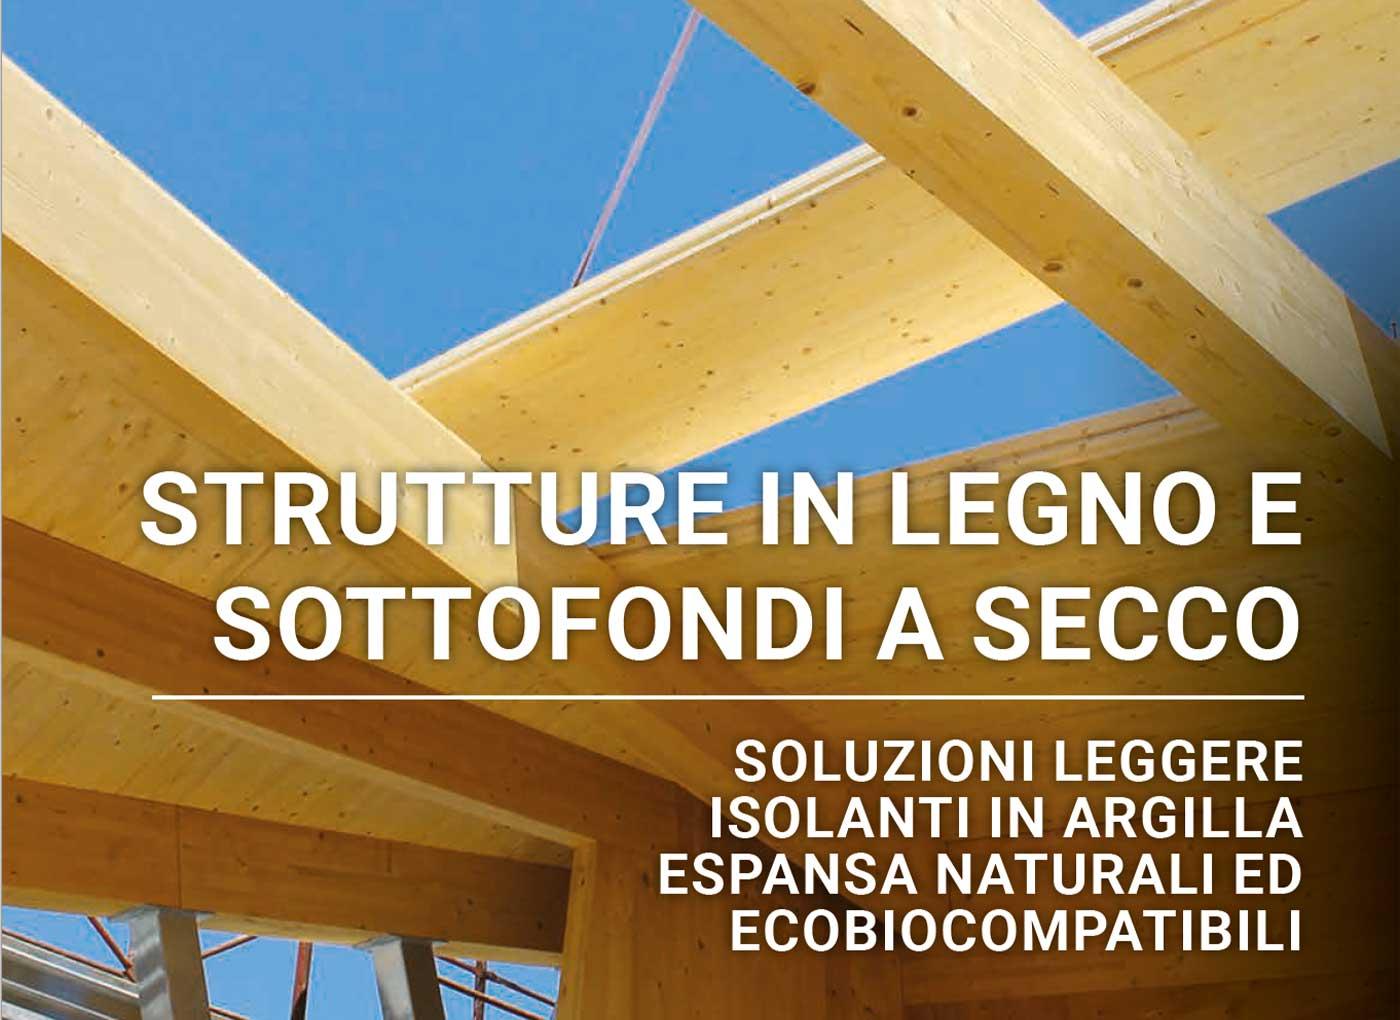 manuale-strutture-in-legno-sottofondi-a-secco